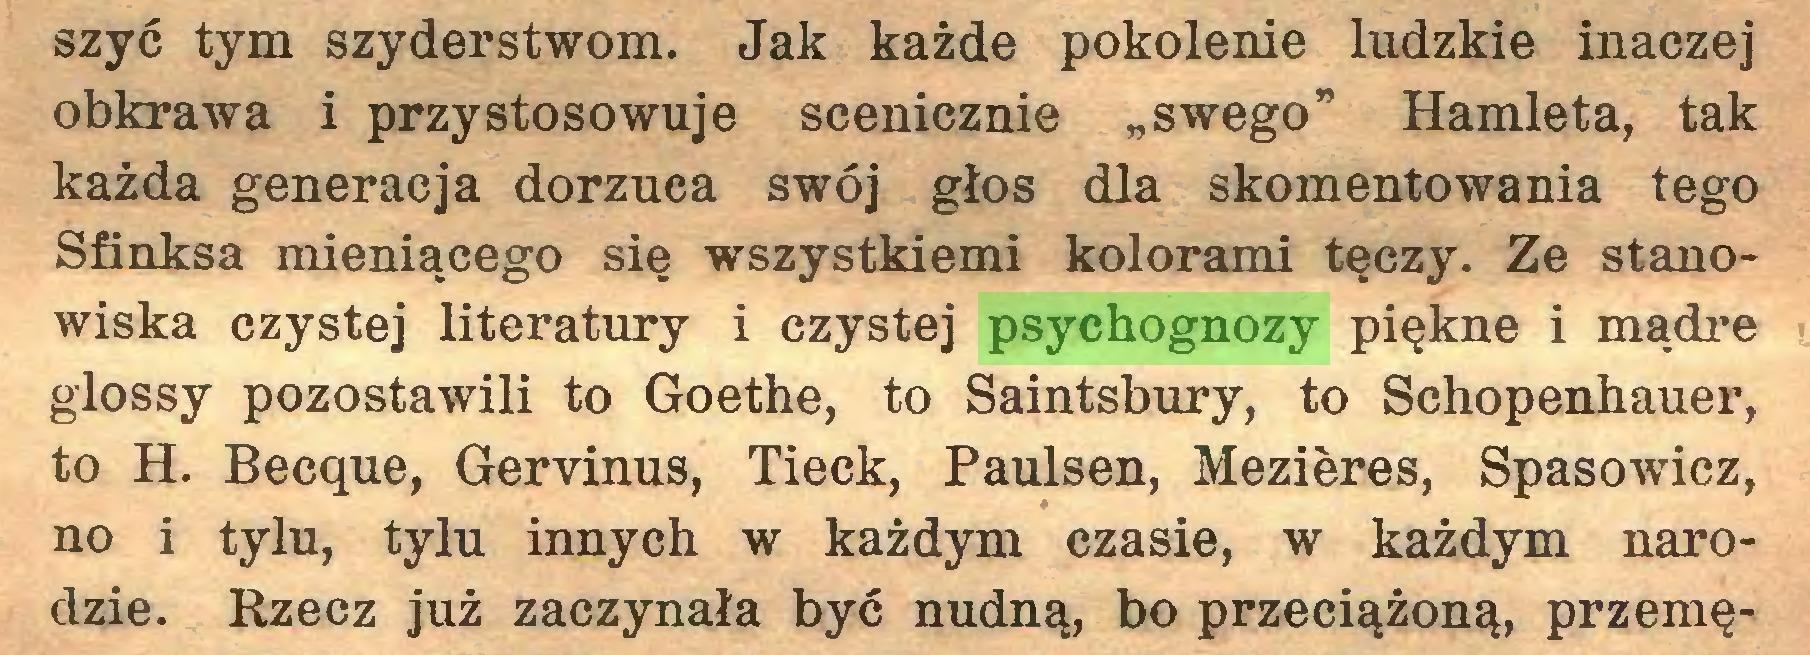 """(...) szyć tym szyderstwom. Jak każde pokolenie ludzkie inaczej obkrawa i przystosowuje scenicznie """"swego"""" Hamleta, tak każda generacja dorzuca swój głos dla skomentowania tego Sfinksa mieniącego się wszystkiemi kolorami tęczy. Ze stanowiska czystej literatury i czystej psychognozy piękne i mądre glossy pozostawili to Goethe, to Saintsbury, to Schopenhauer, to H. Becque, Geryinus, Tieck, Paulsen, Mezieres, Spasowicz, no i tylu, tylu innych w każdym czasie, w każdym narodzie. Rzecz już zaczynała być nudną, bo przeciążoną, przemę..."""